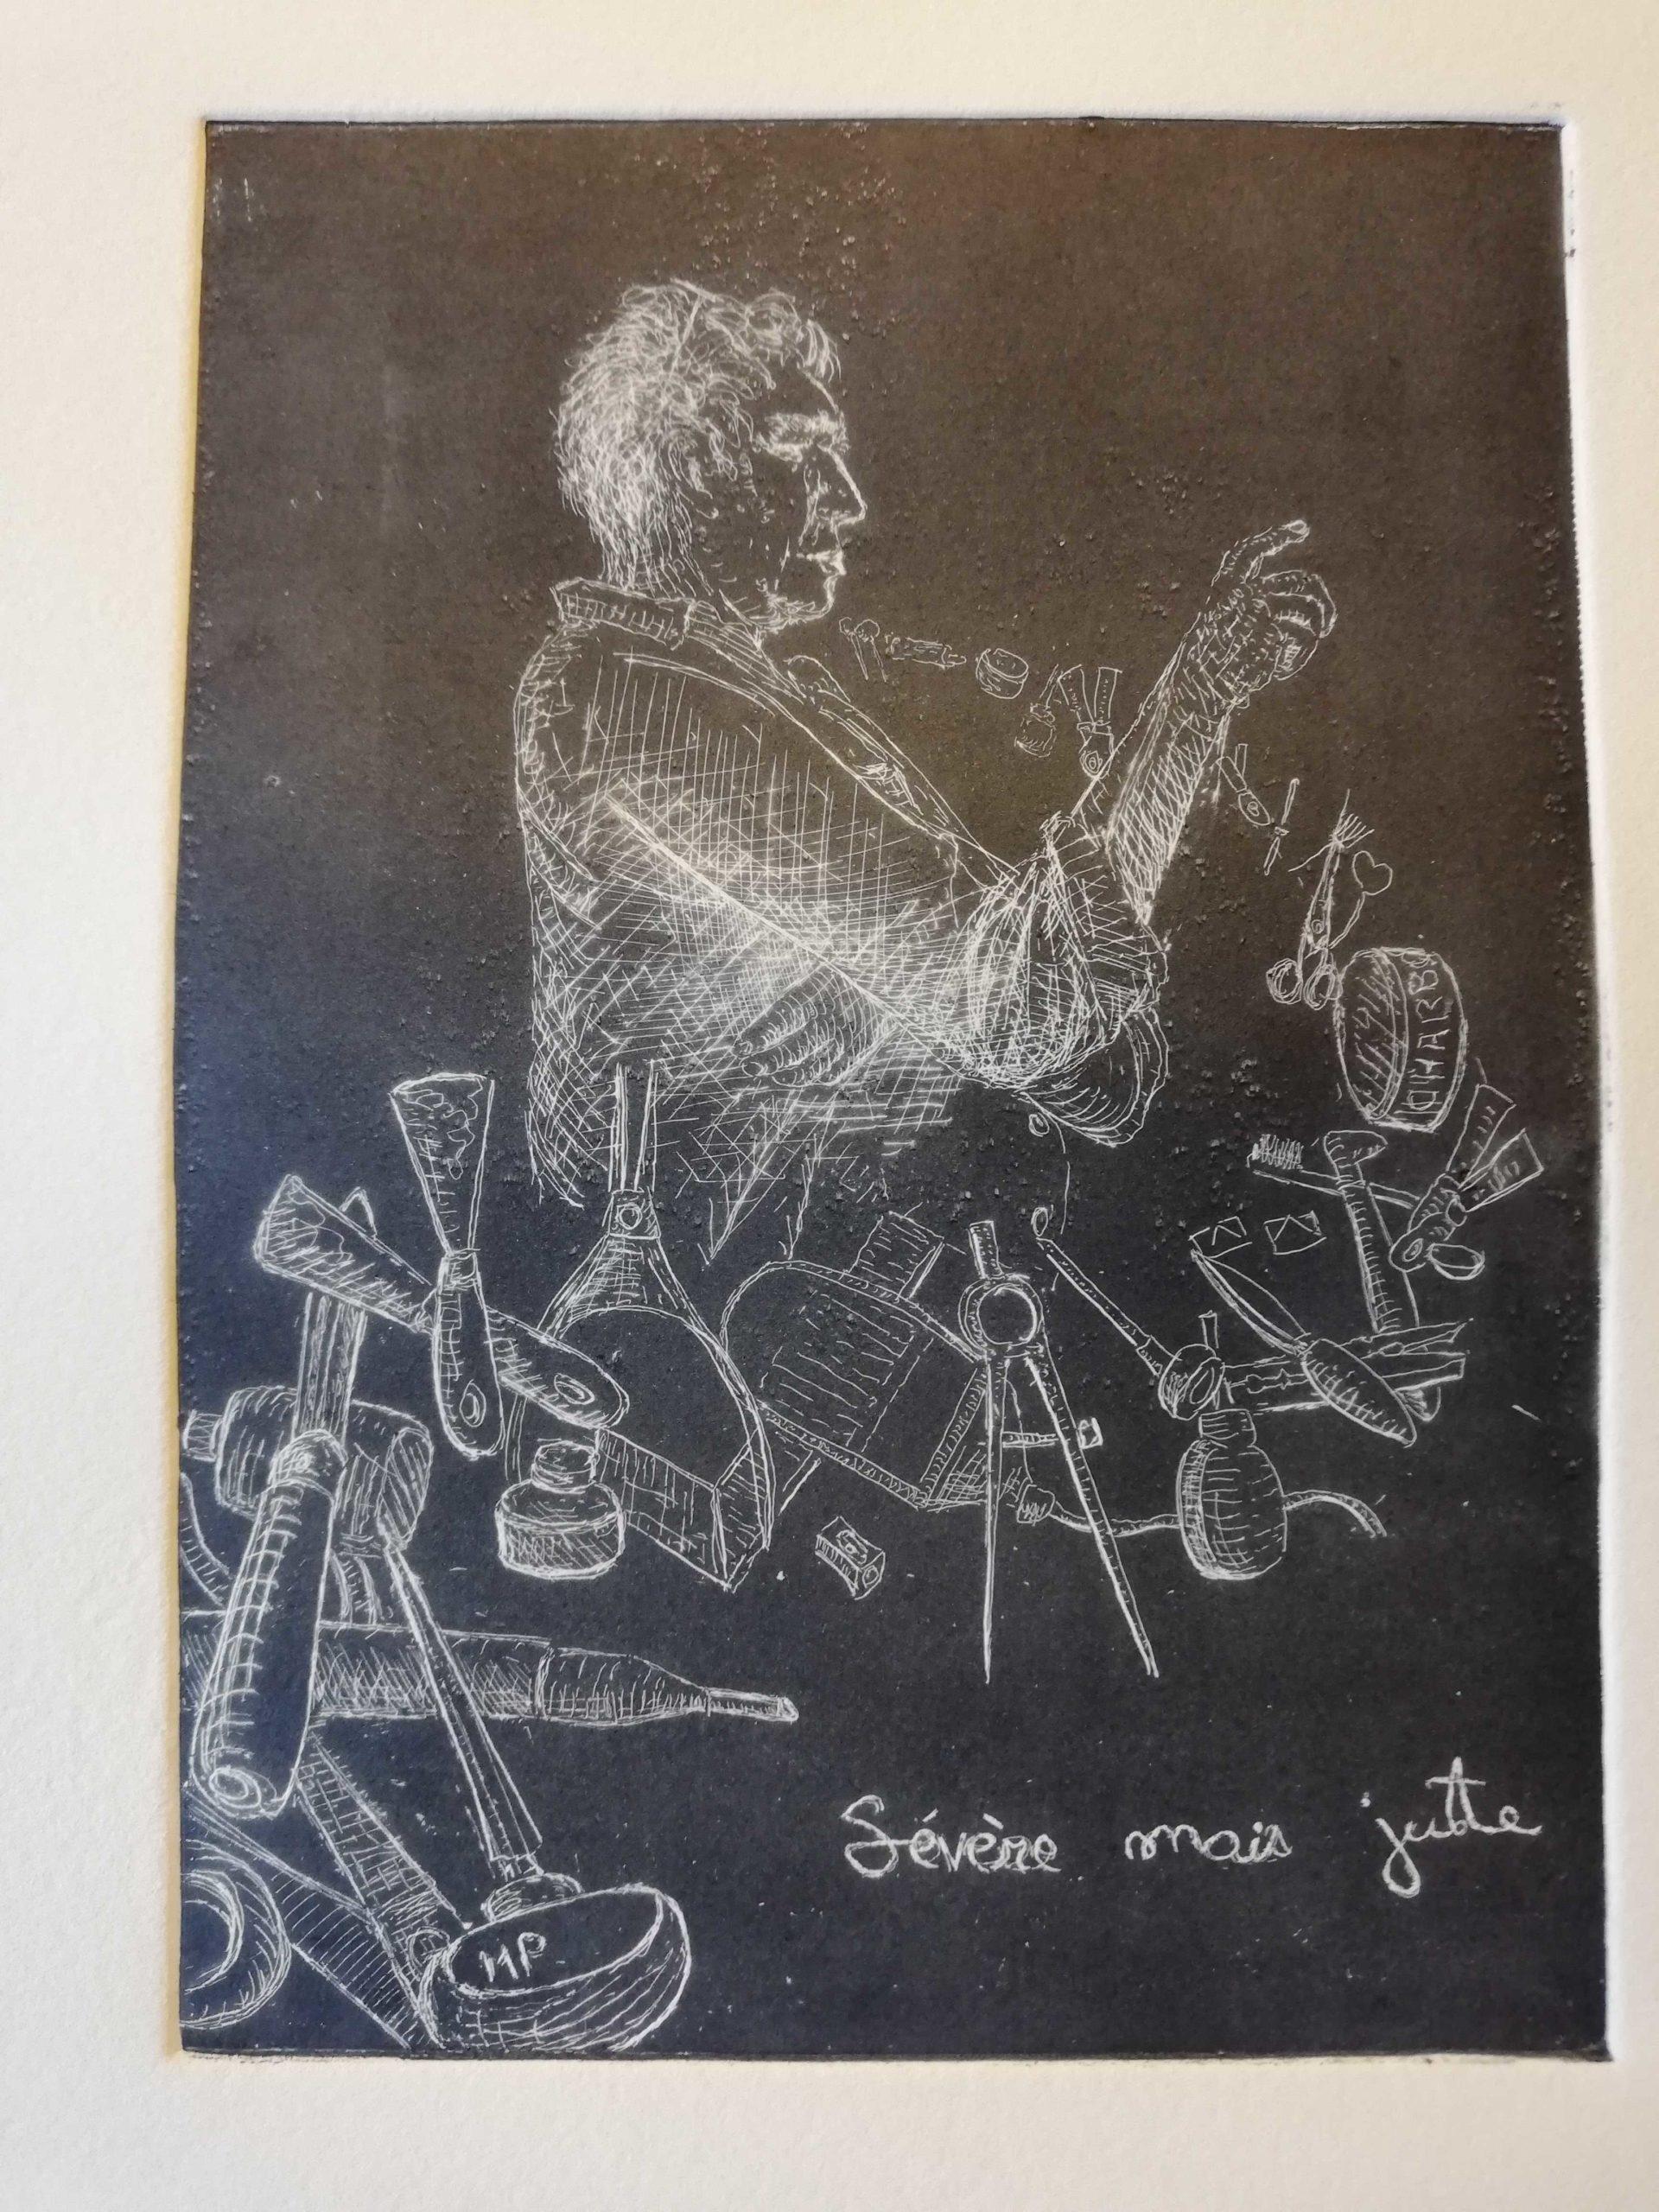 Sévère mais juste noir engrave by Michel Puharré 2019